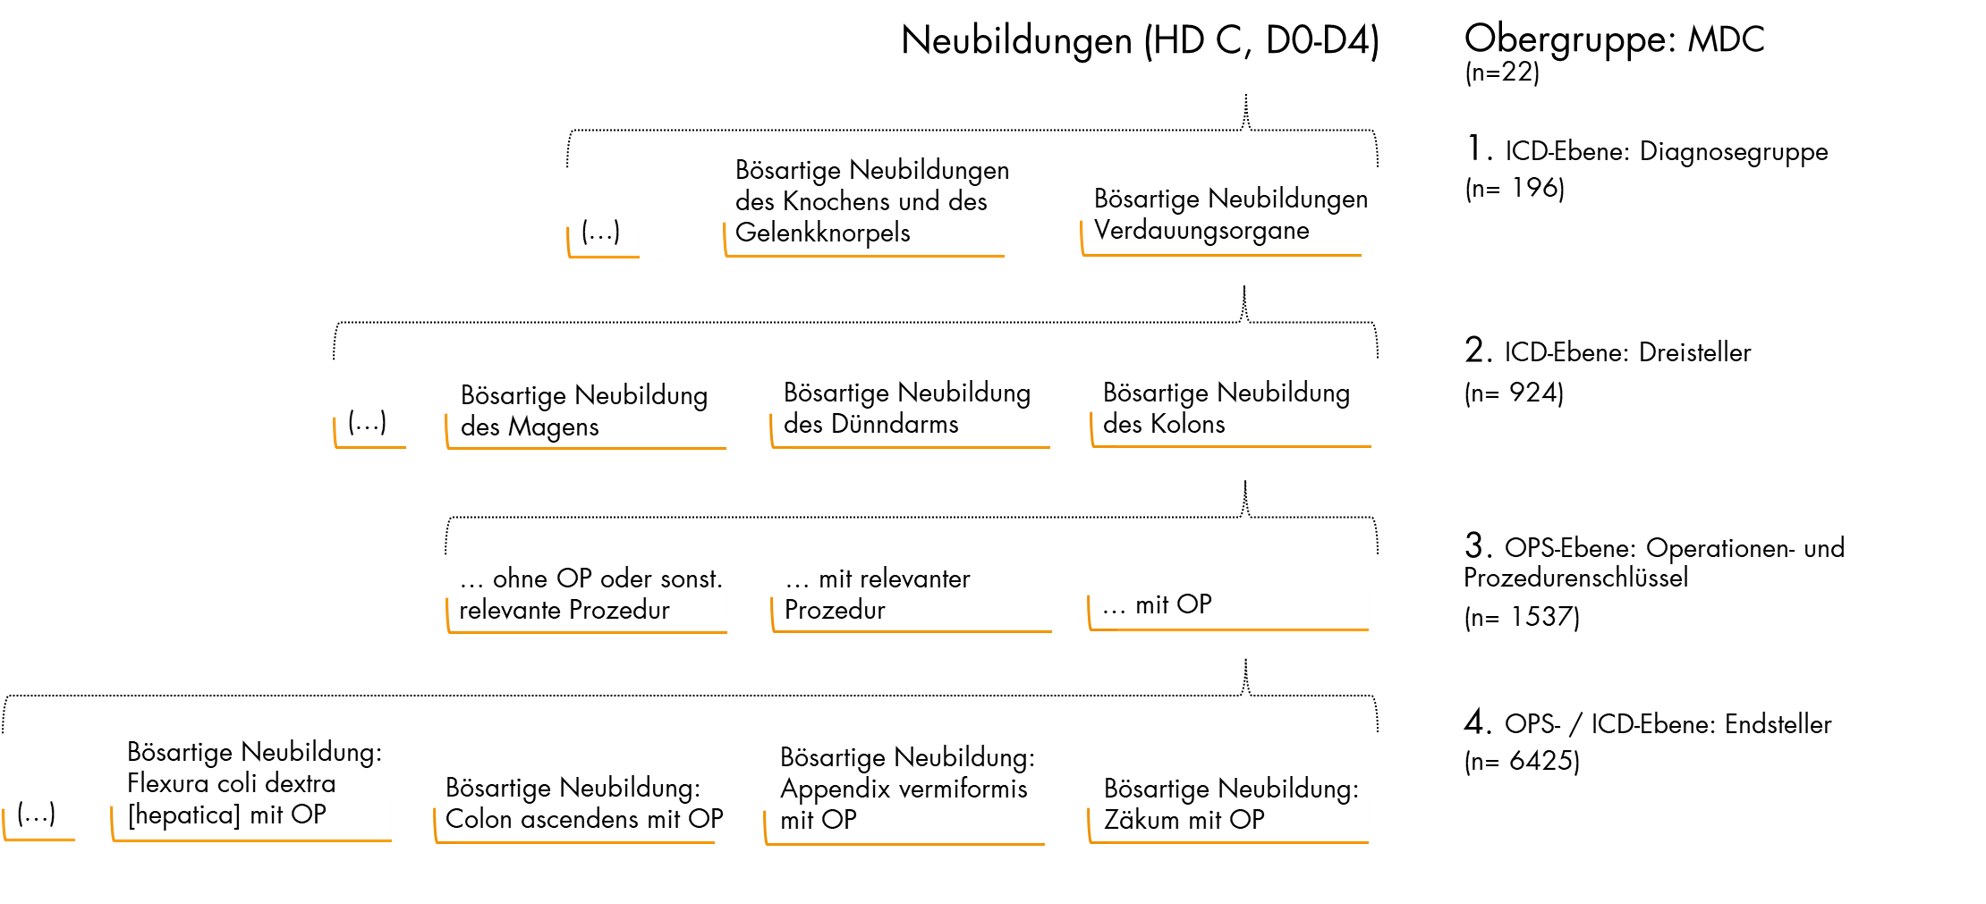 Aufschlüsselung der MLG in Detaillierungsebenen mit Diagnosen- und Prozedurenbezug.